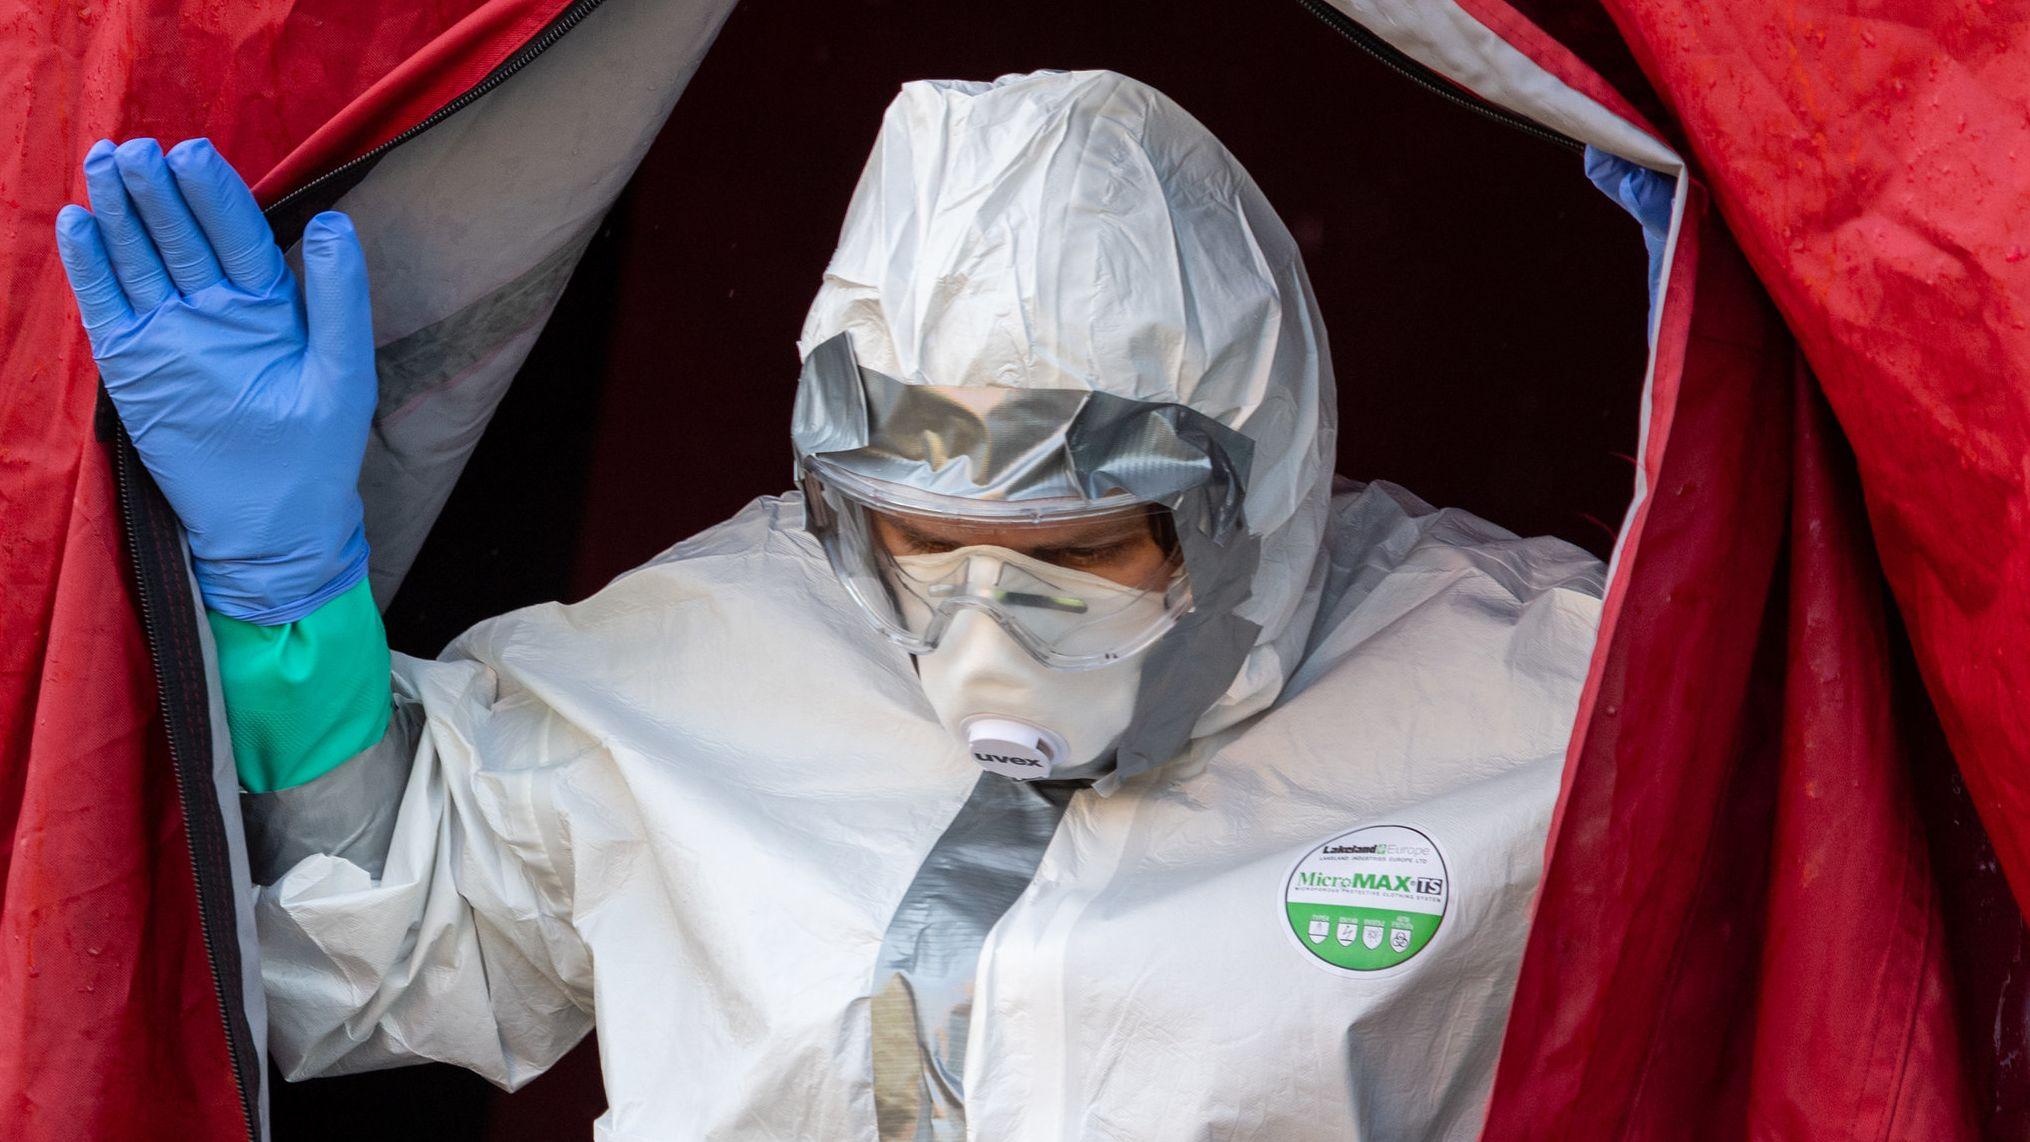 Schutzbekleidung ist gerade jetzt von großer Bedeutung. Die schwäbische Firma Franz Mensch kommt mit dem Verschicken daher kaum hinterher.